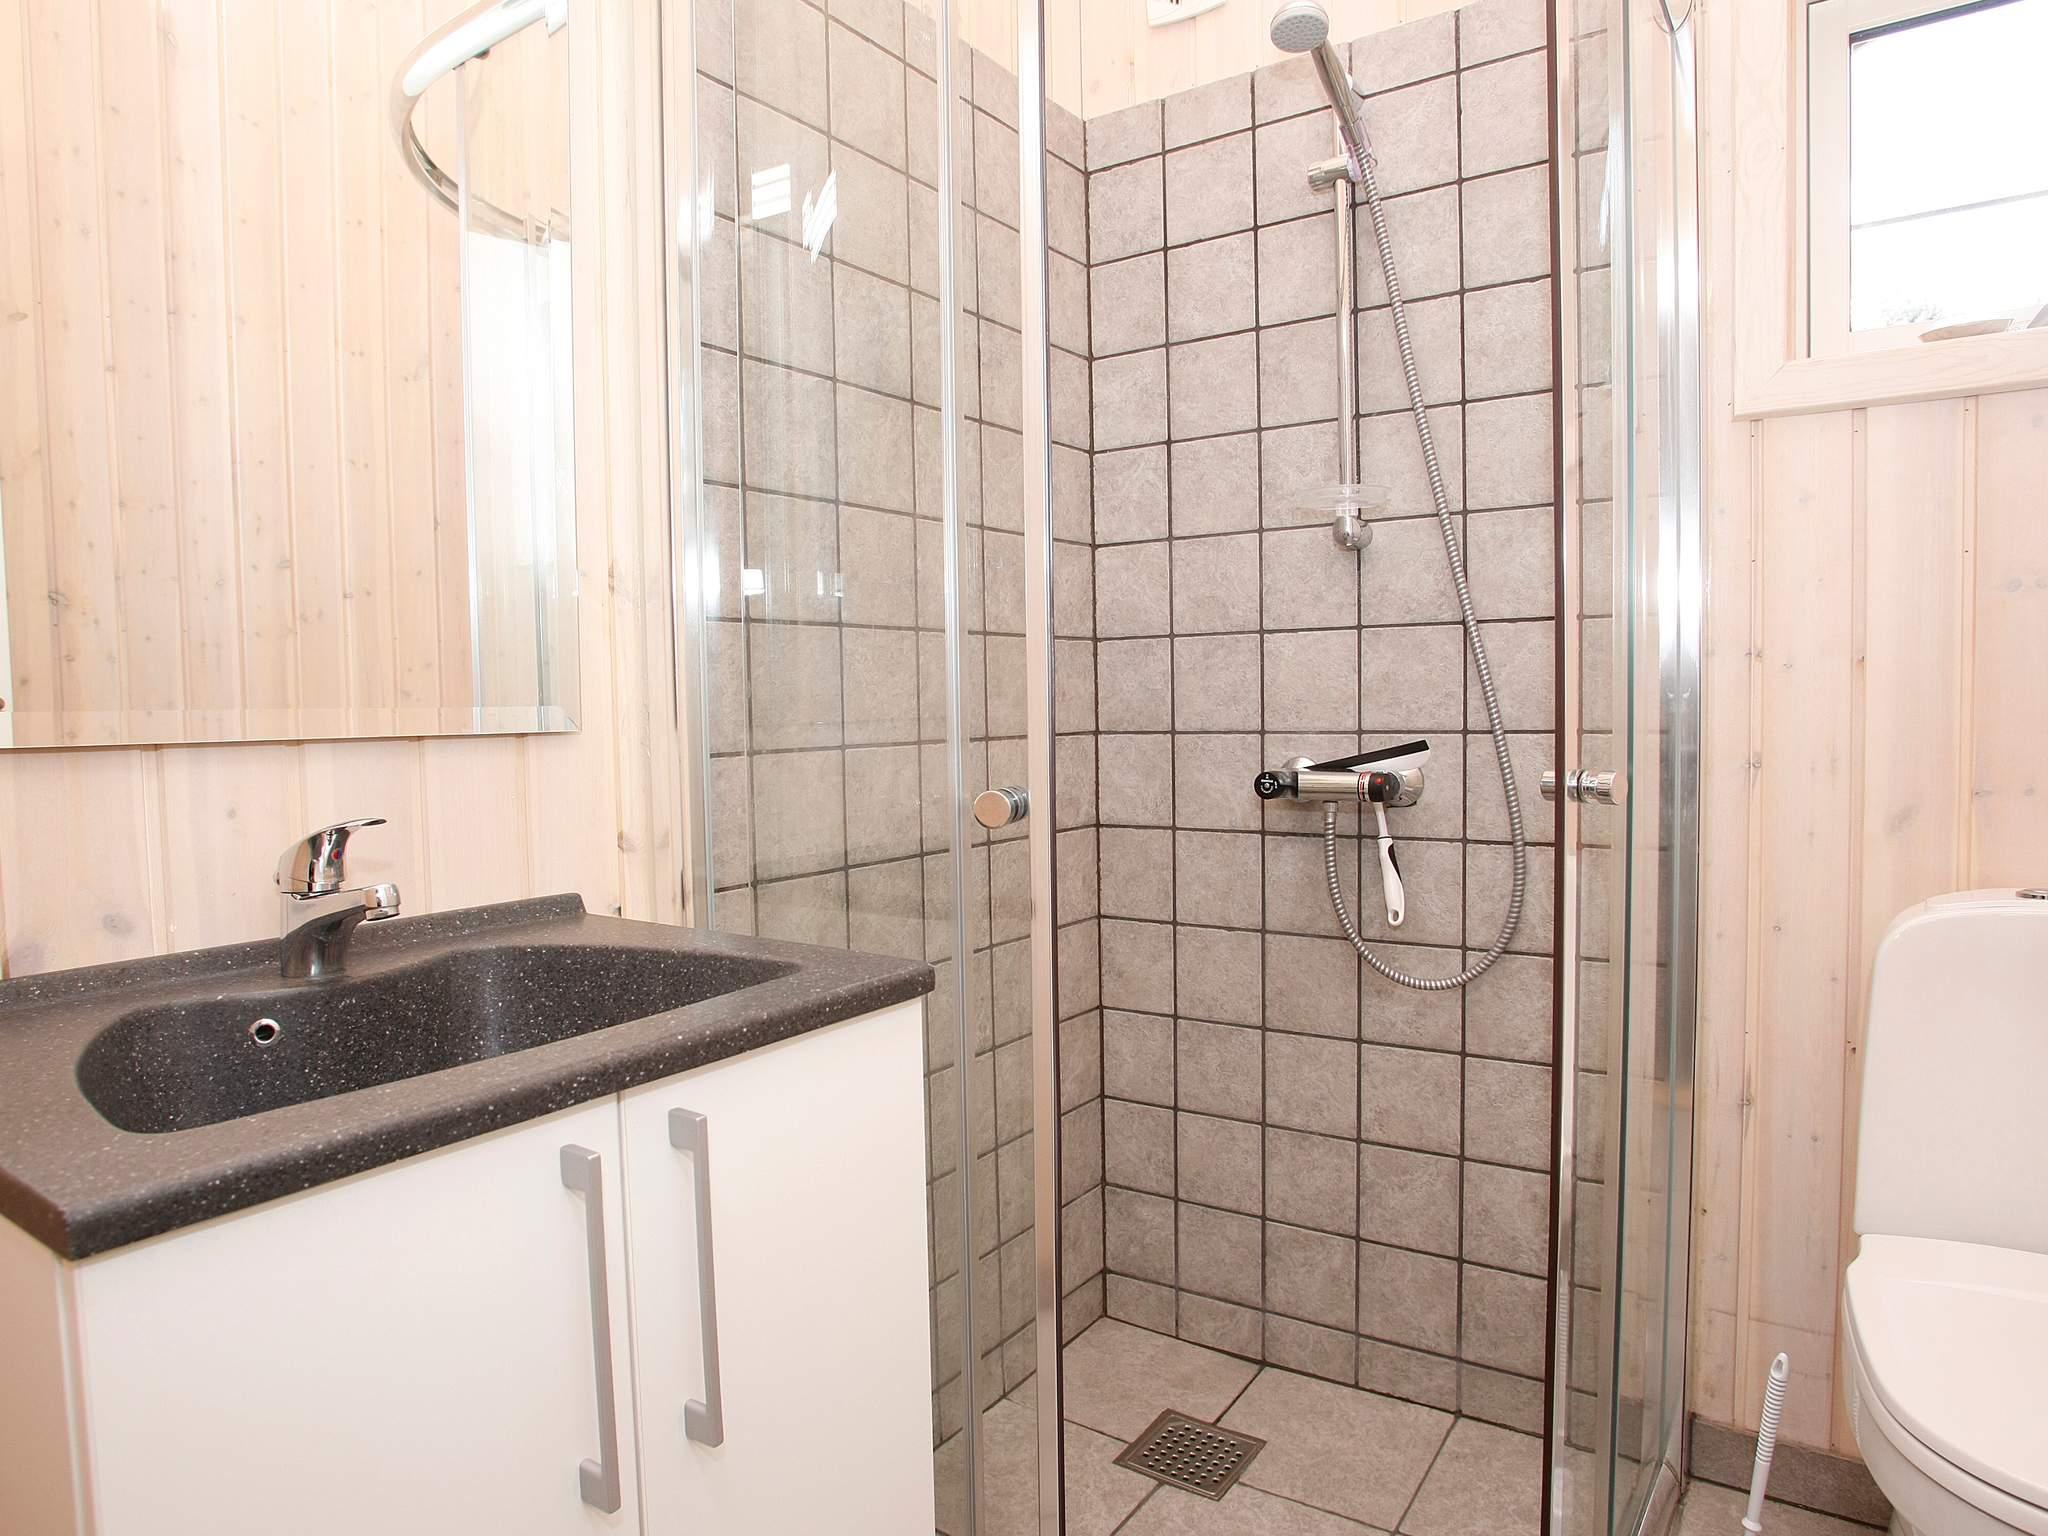 Ferienhaus Lodskovvad (424038), Lodskovvad, , Dänische Nordsee, Dänemark, Bild 12